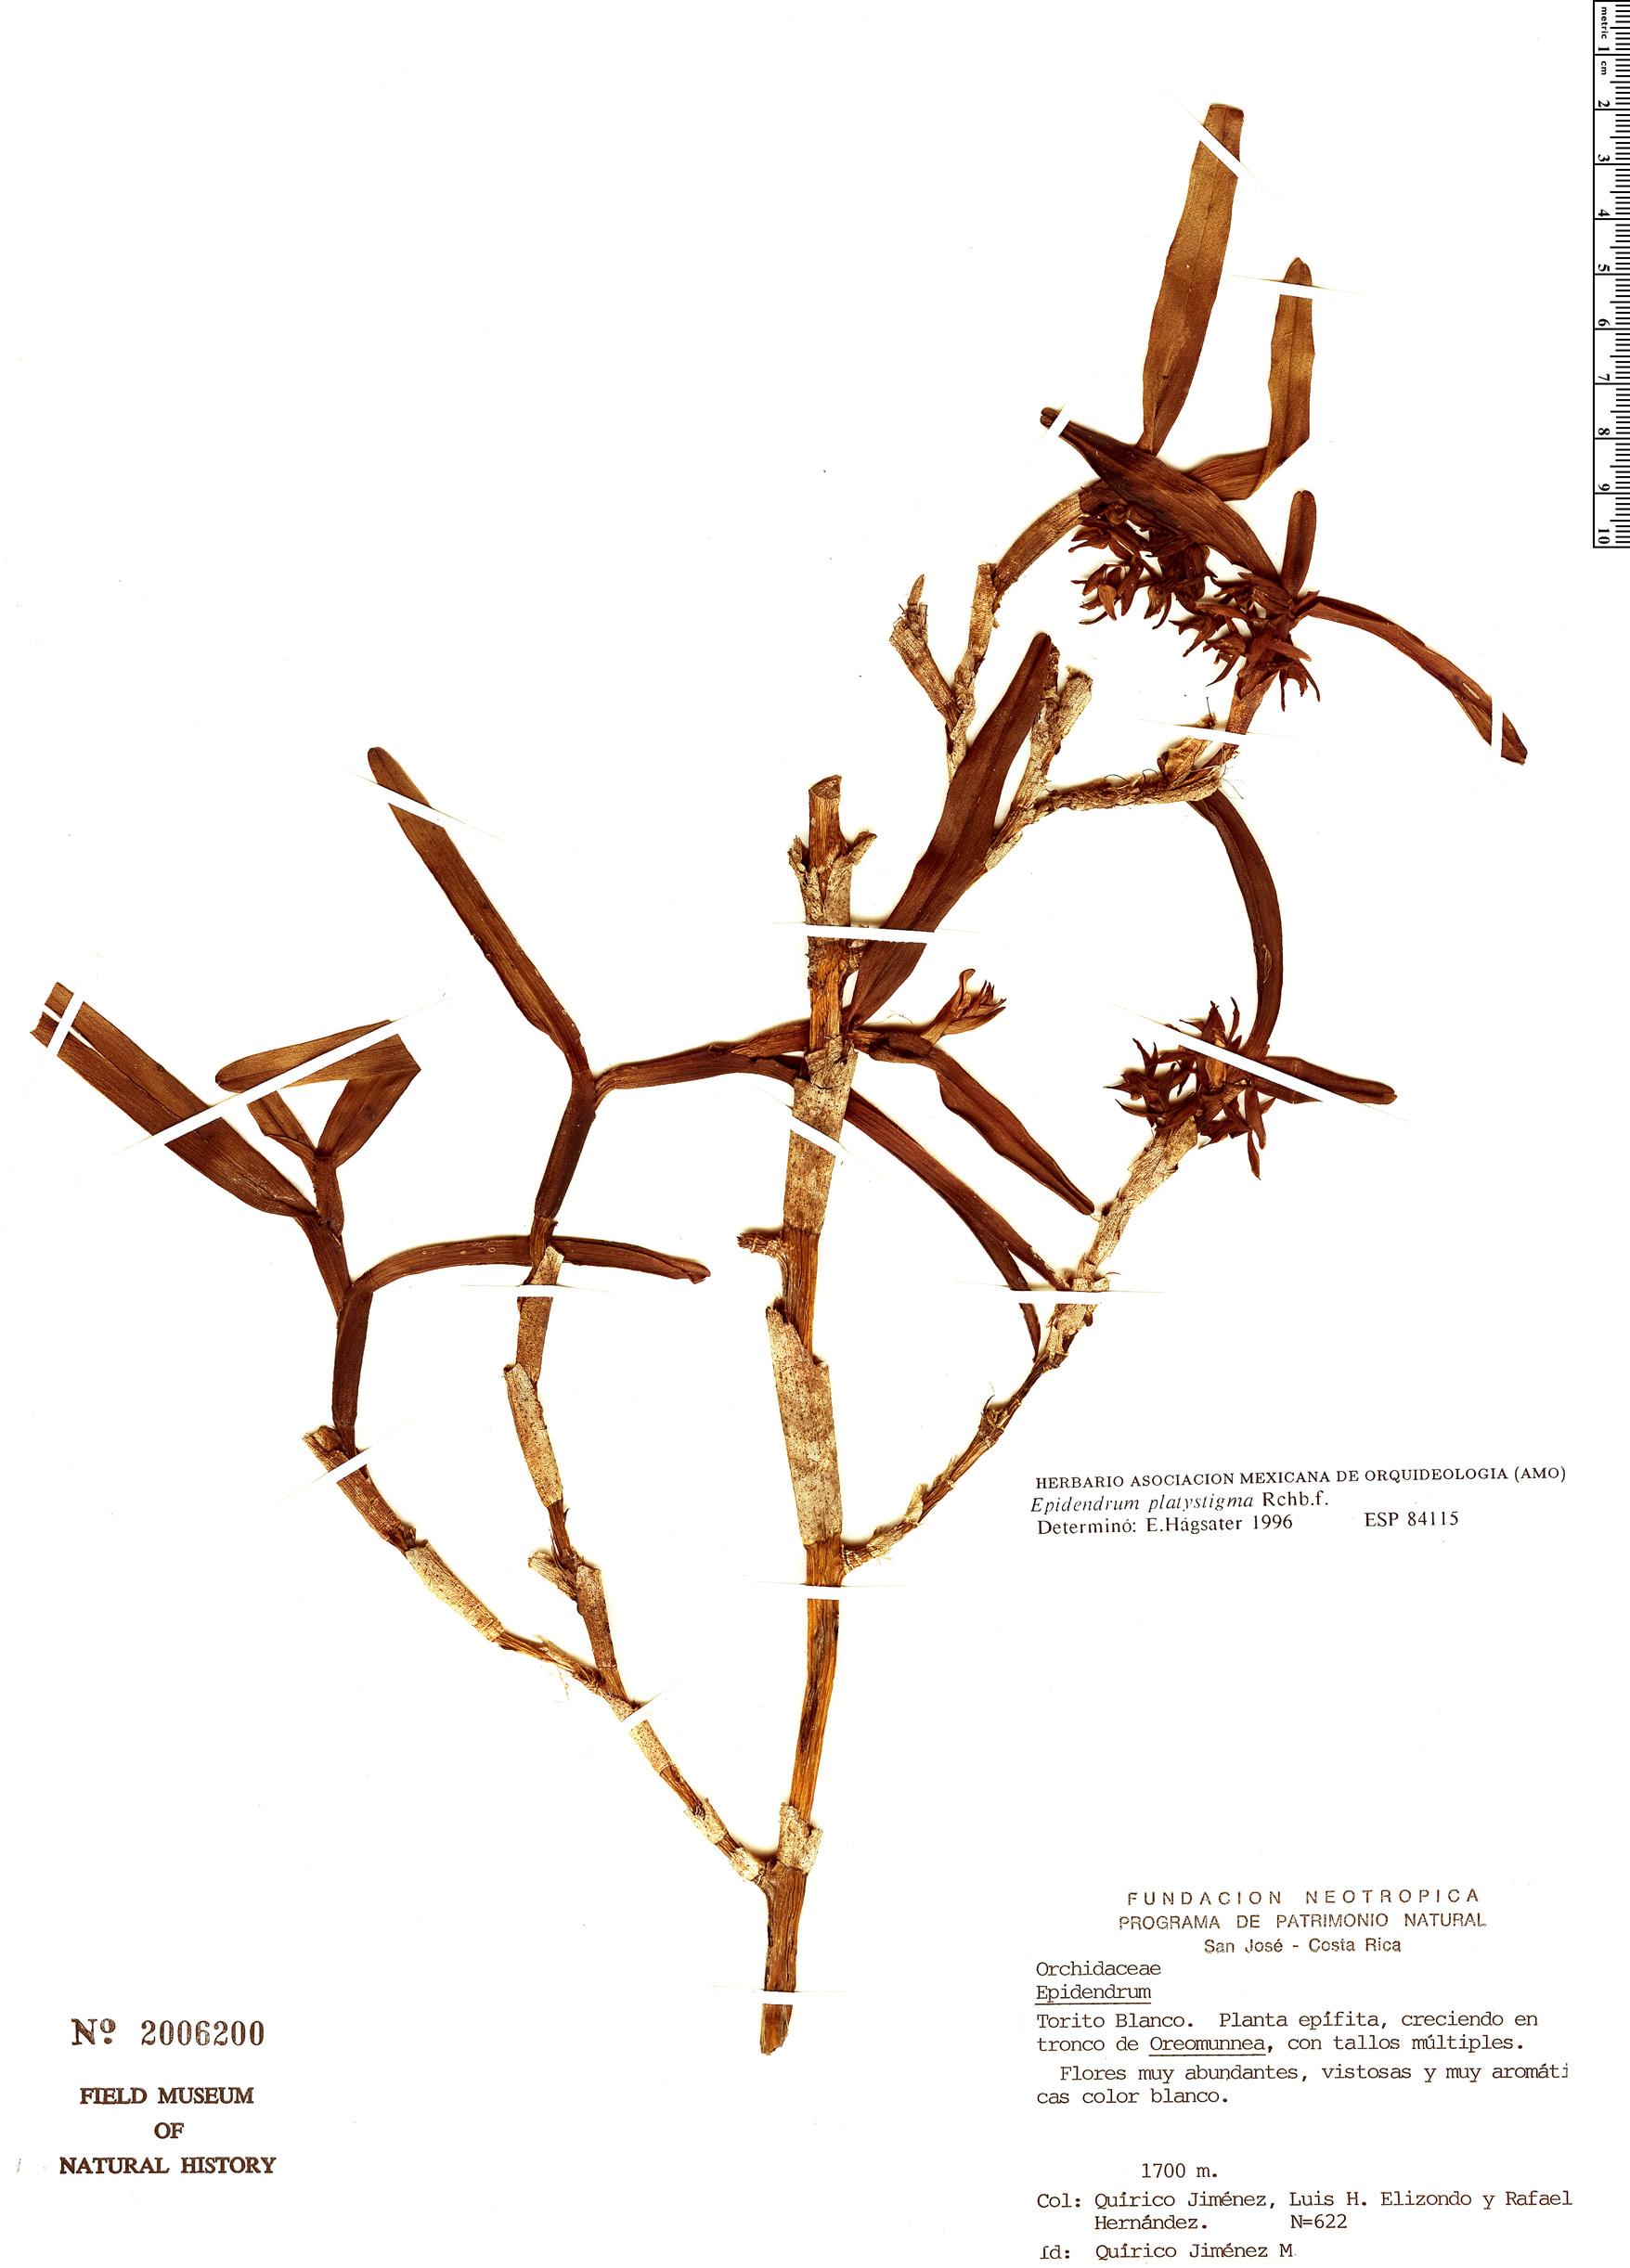 Specimen: Epidendrum platystigma